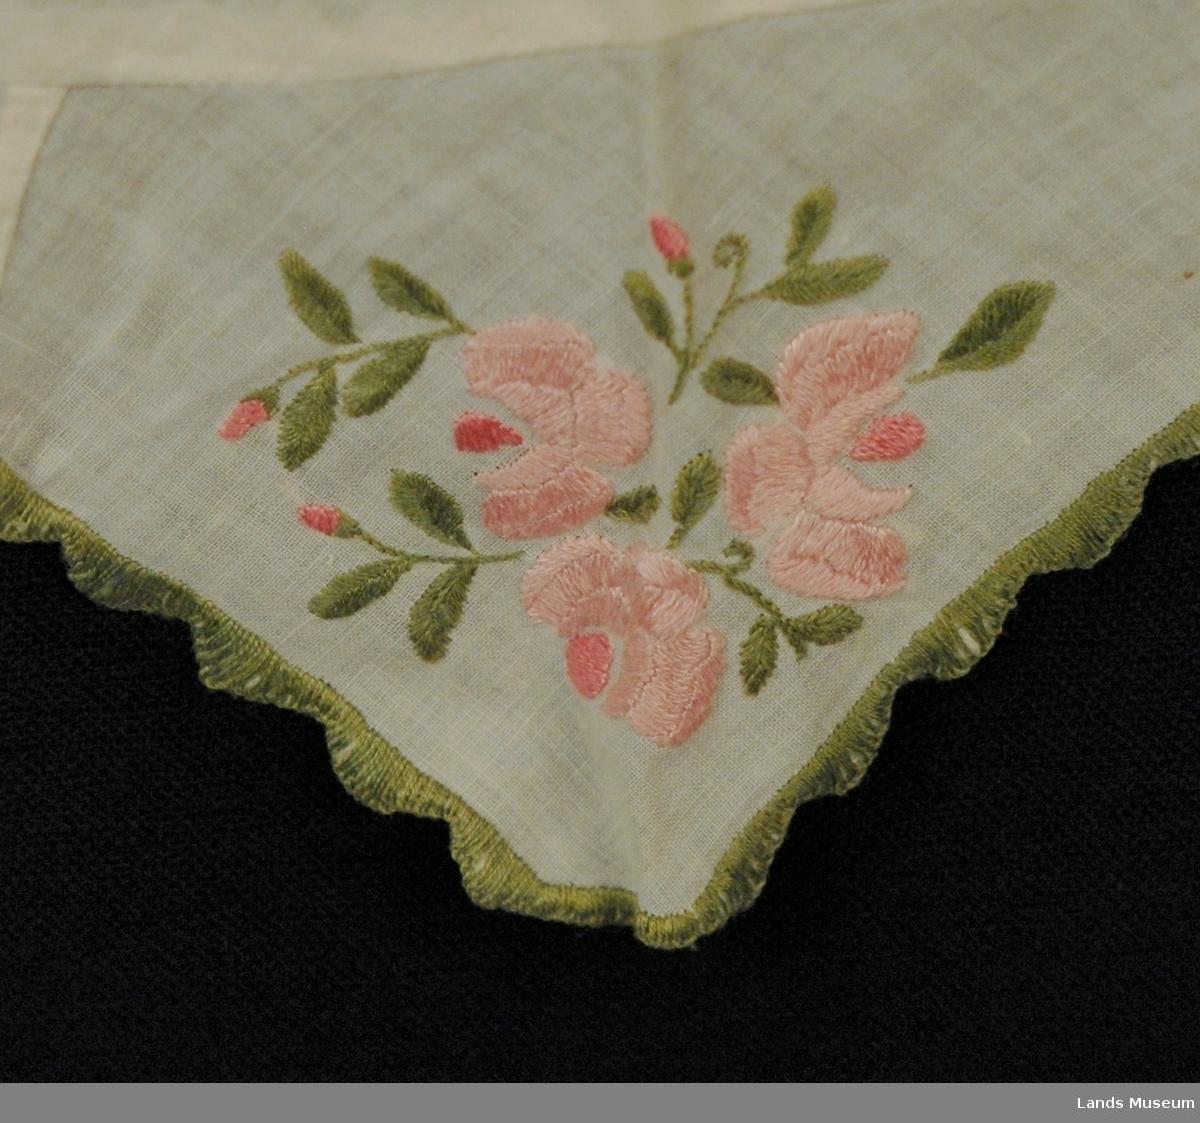 """Halvparten av ein krage. Tynt bomullstoff i tre """"spisser"""". Blomstermotiv på alle spissene, rosa blomster og grøne stilker og blad. Grøn tungekant som avslutning."""